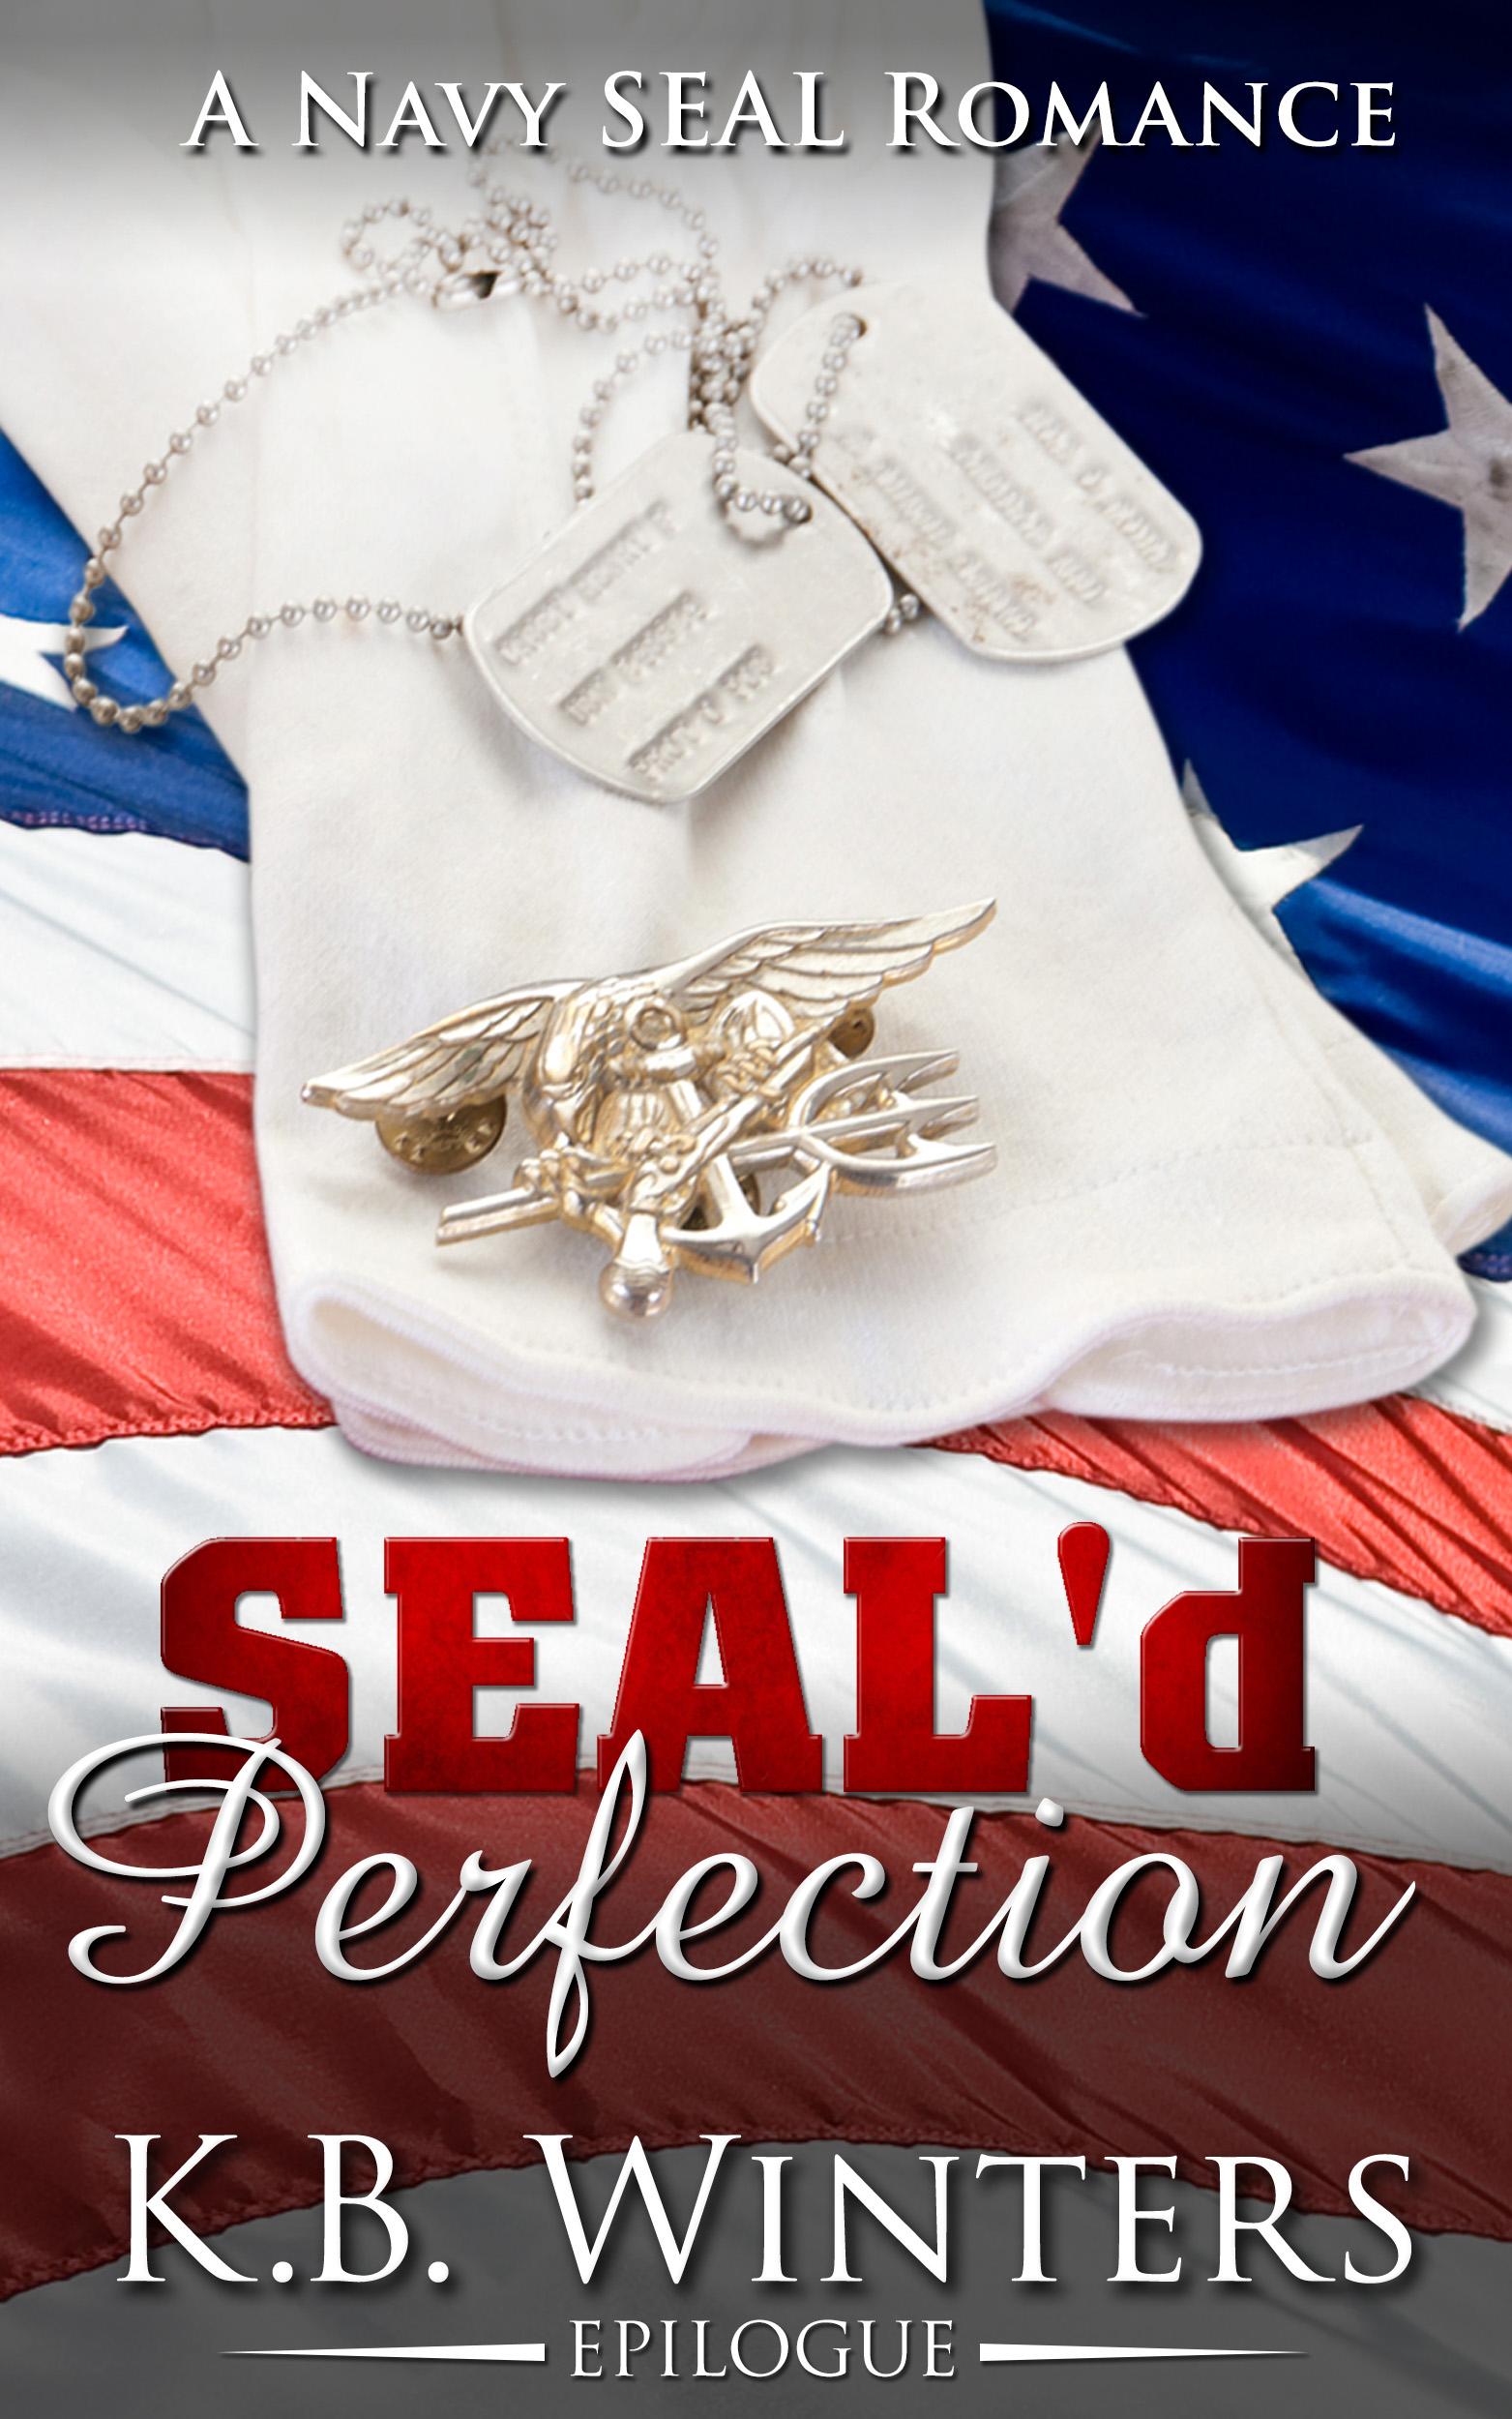 SEAL'd Perfection Epilogue